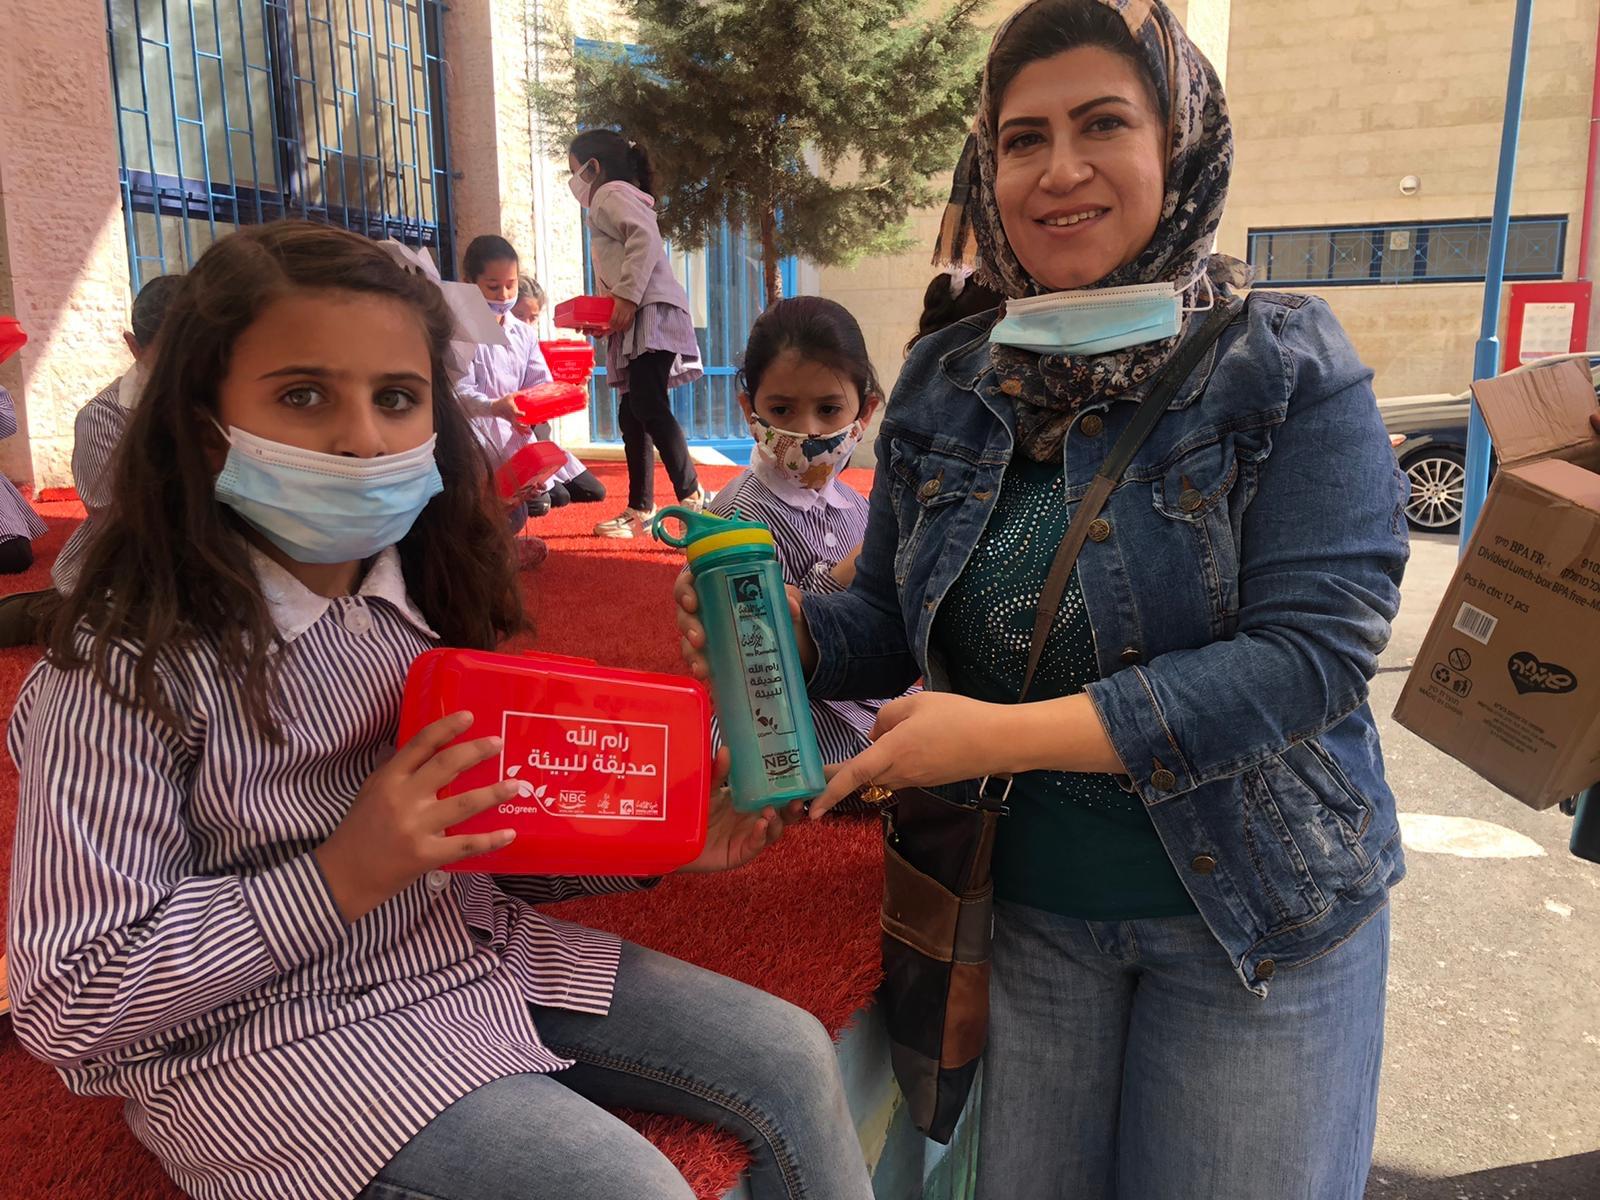 برعاية من المشروبات الوطني..بلدية رام الله تنفذ مشروع التوعية البيئية للمدارس للعام الدراسي 2020/2021